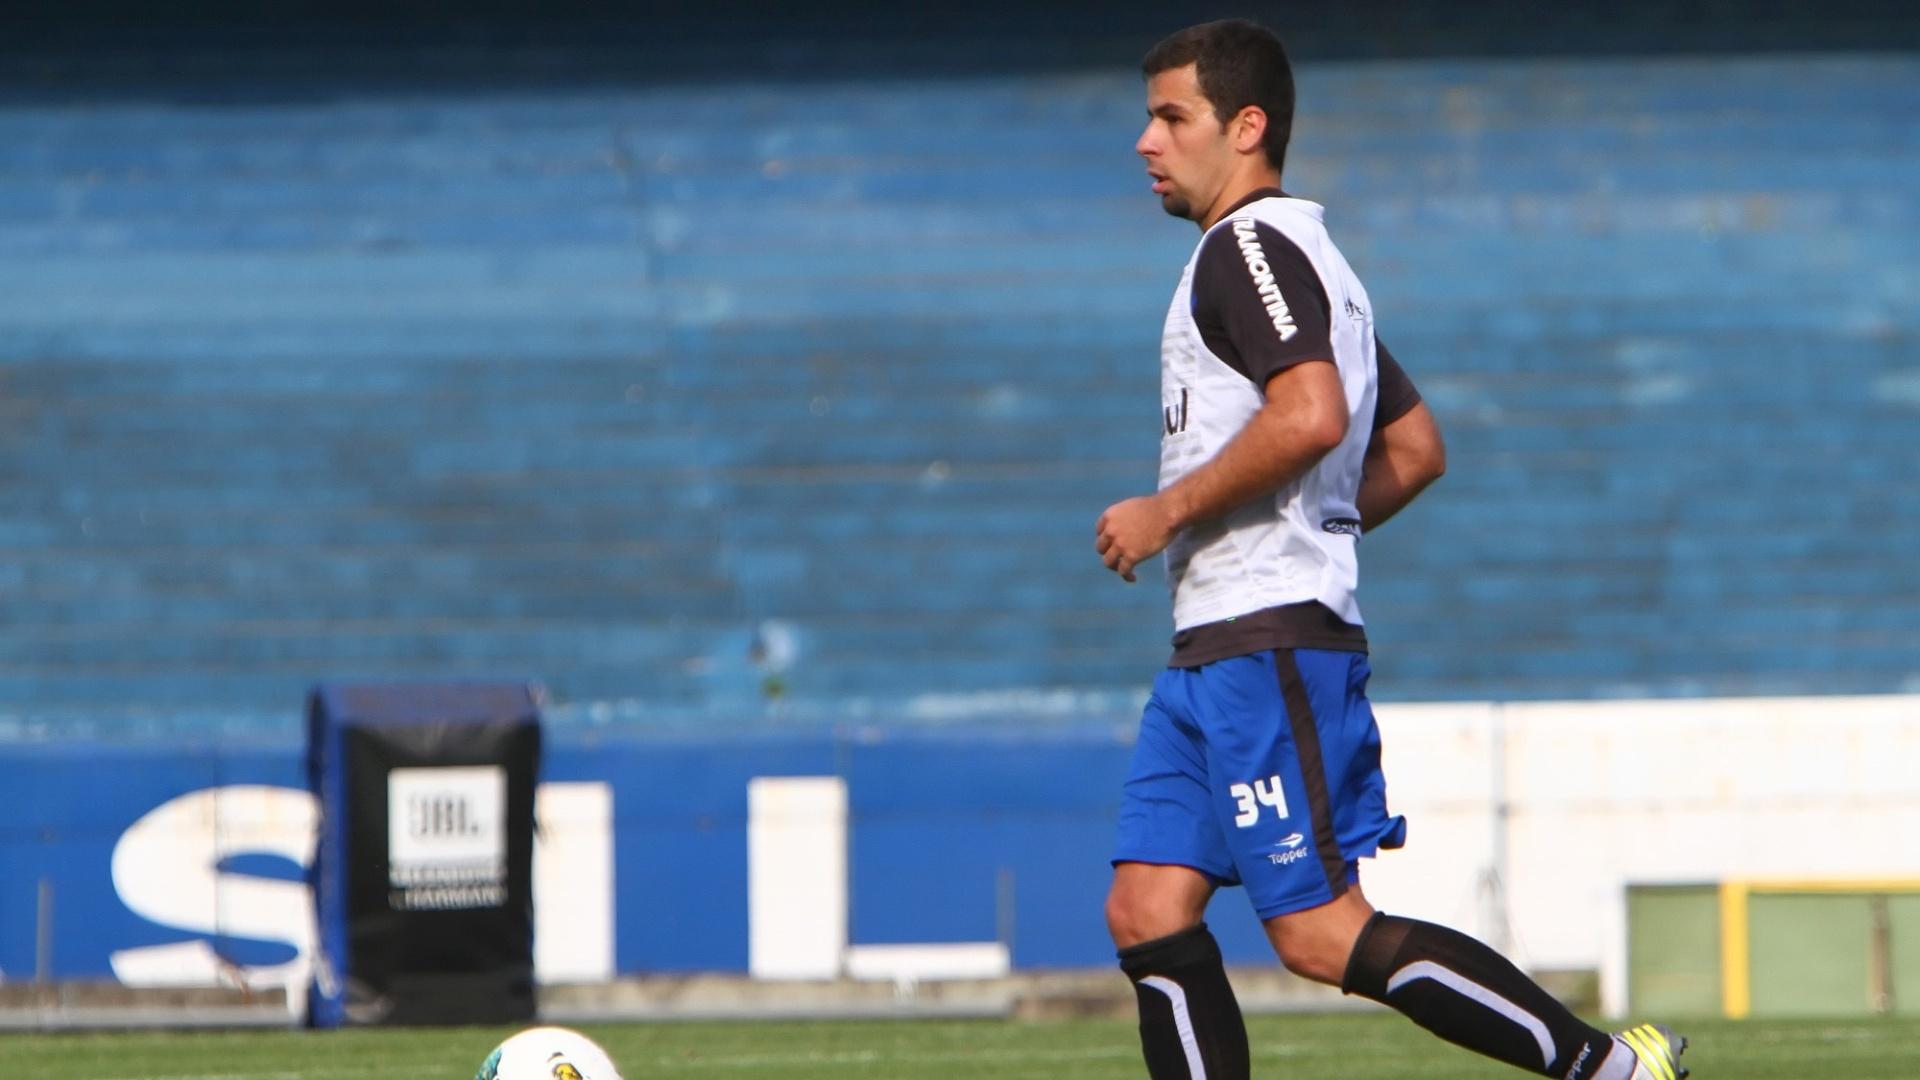 Atacante André Lima durante trabalho com bola no treino do Grêmio desta quarta-feira (07/11/2012)